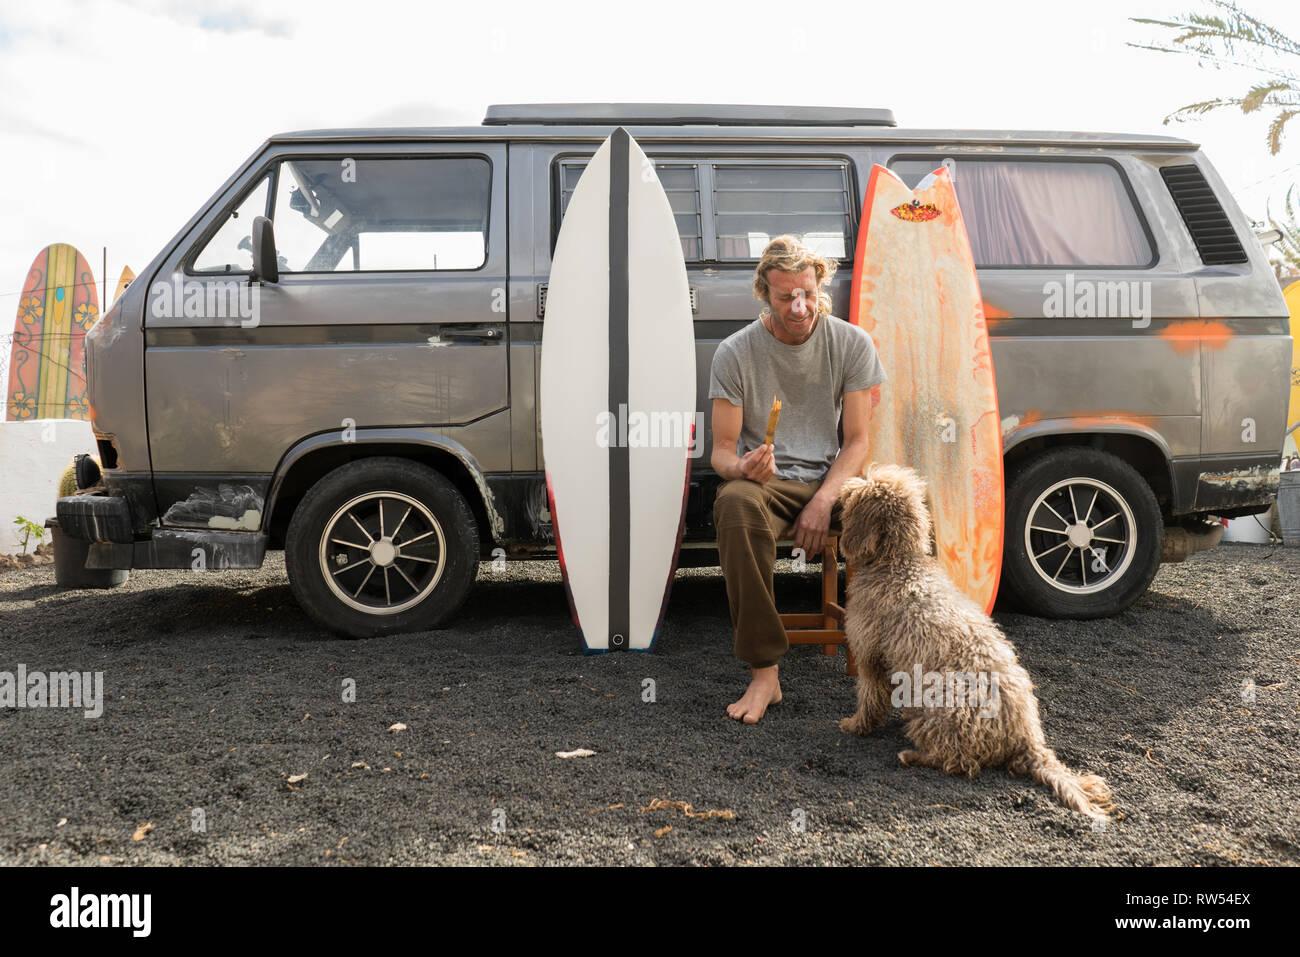 Mann stand in der Nähe von Surf Boards und Van Stockbild